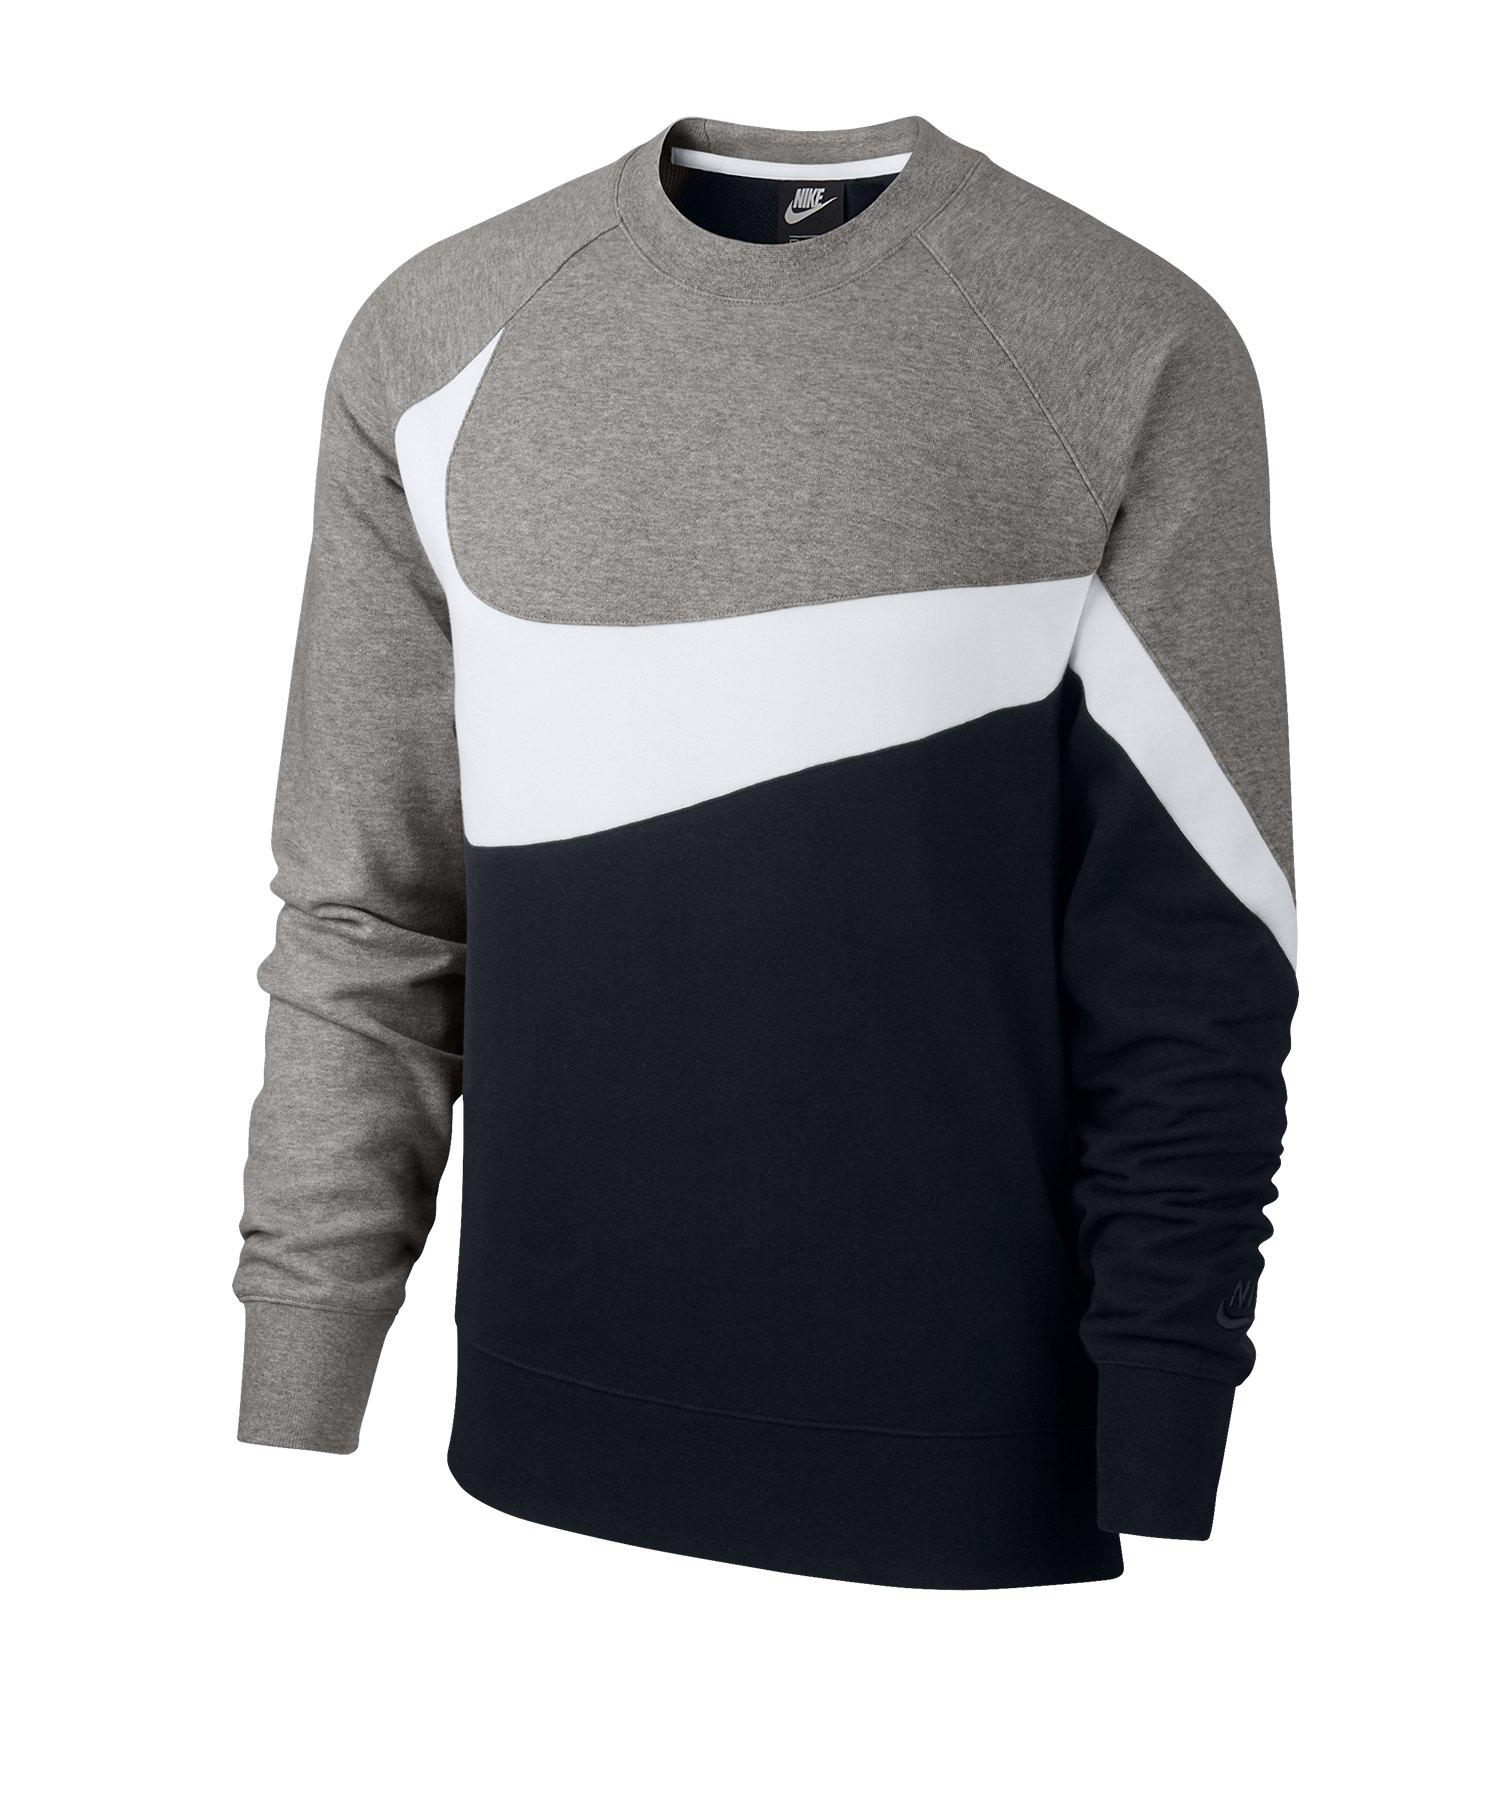 Nike Statement Crew Sweatshirt Schwarz F011 - schwarz